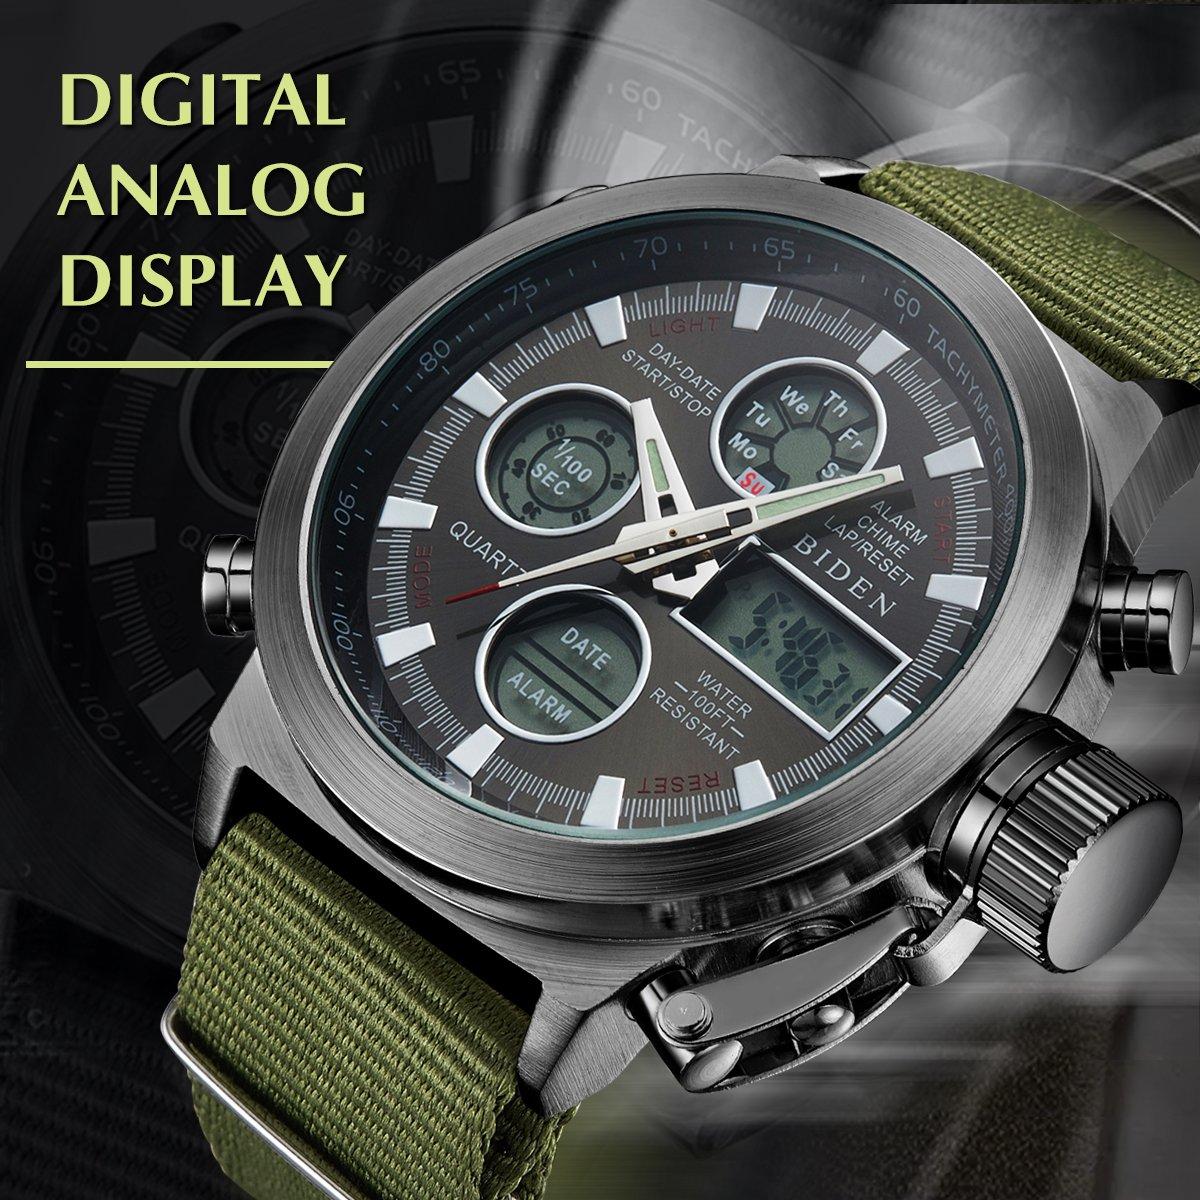 BIDEN Watch, Watch Men Digital Analog Sport Waterproof Watch,Multifunction LED Date Alarm Leather Wrist Watch (GreenBlack) by BIDEN (Image #3)